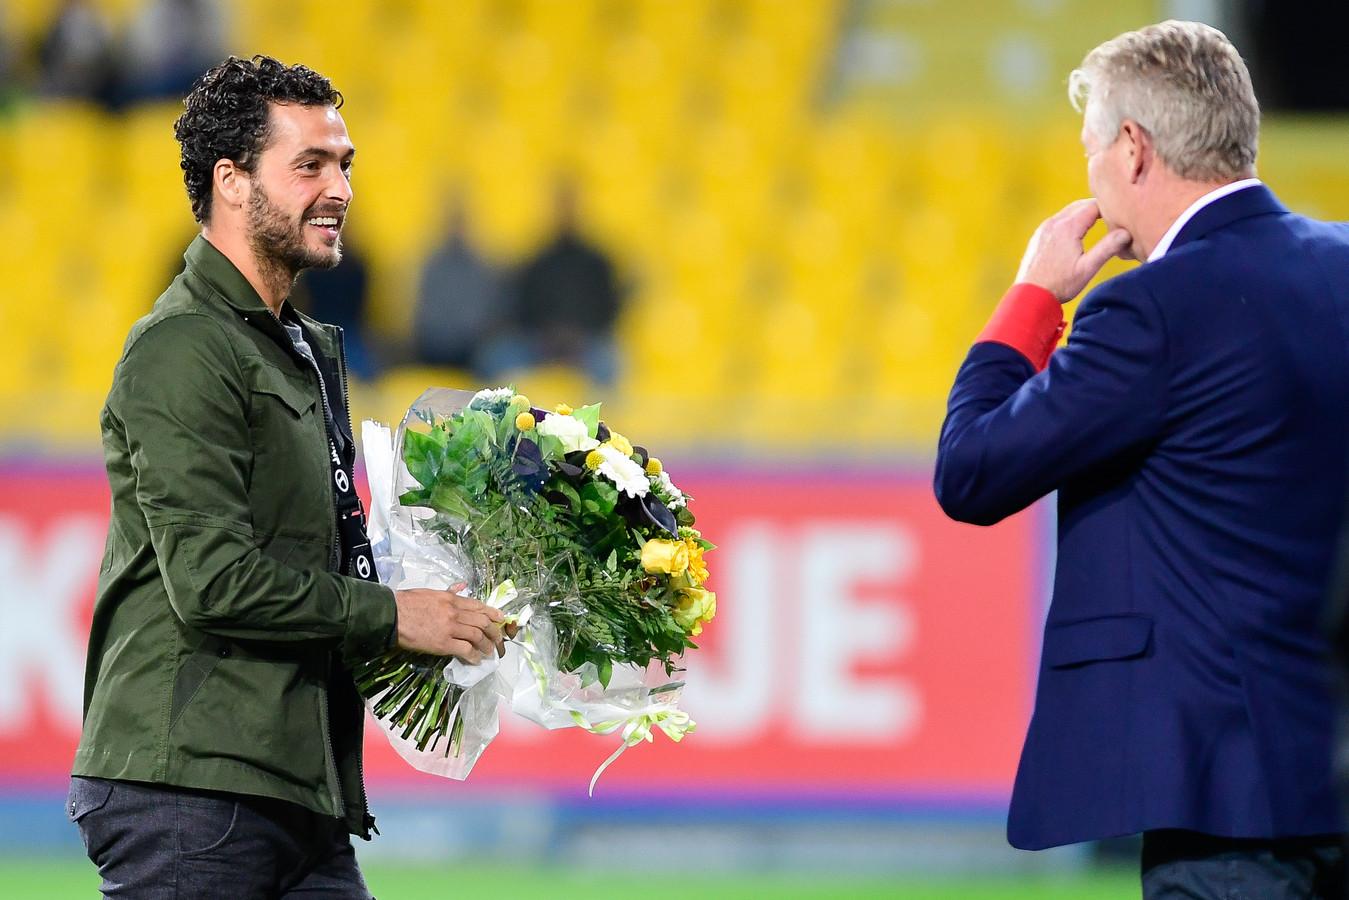 """Onder Peter Maes (r.) beleefde Koen Persoons in Lokeren de beste periode uit zijn carrière. """"Het waren topdagen voor de club en mijn hoogdagen als voetballer."""""""